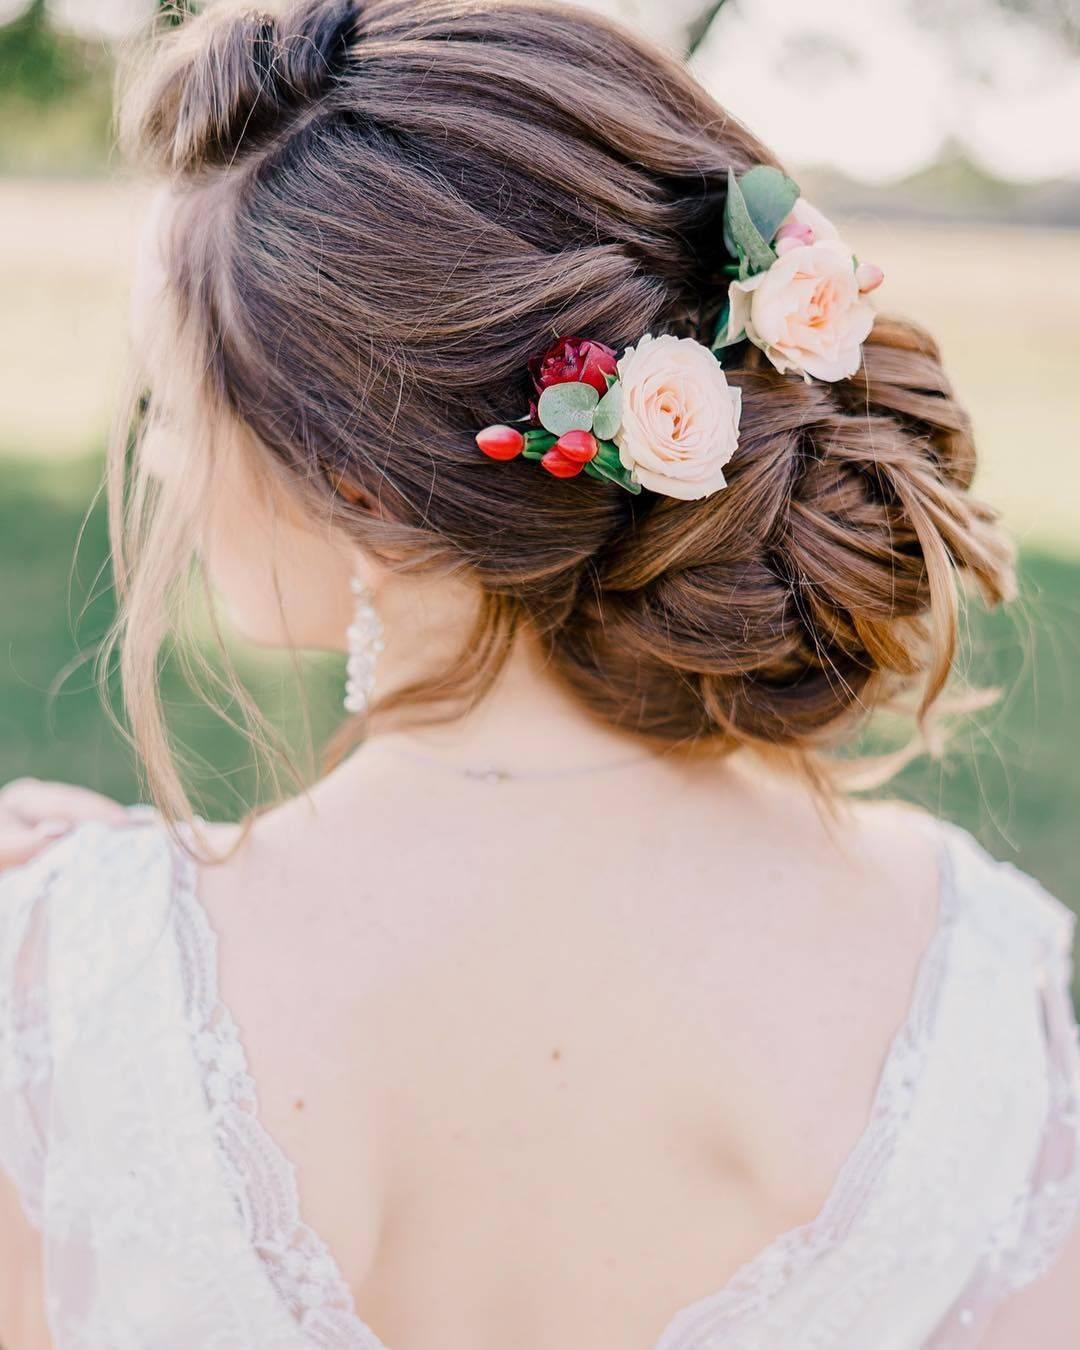 Прически с цветами для романтичных и нежных девушек